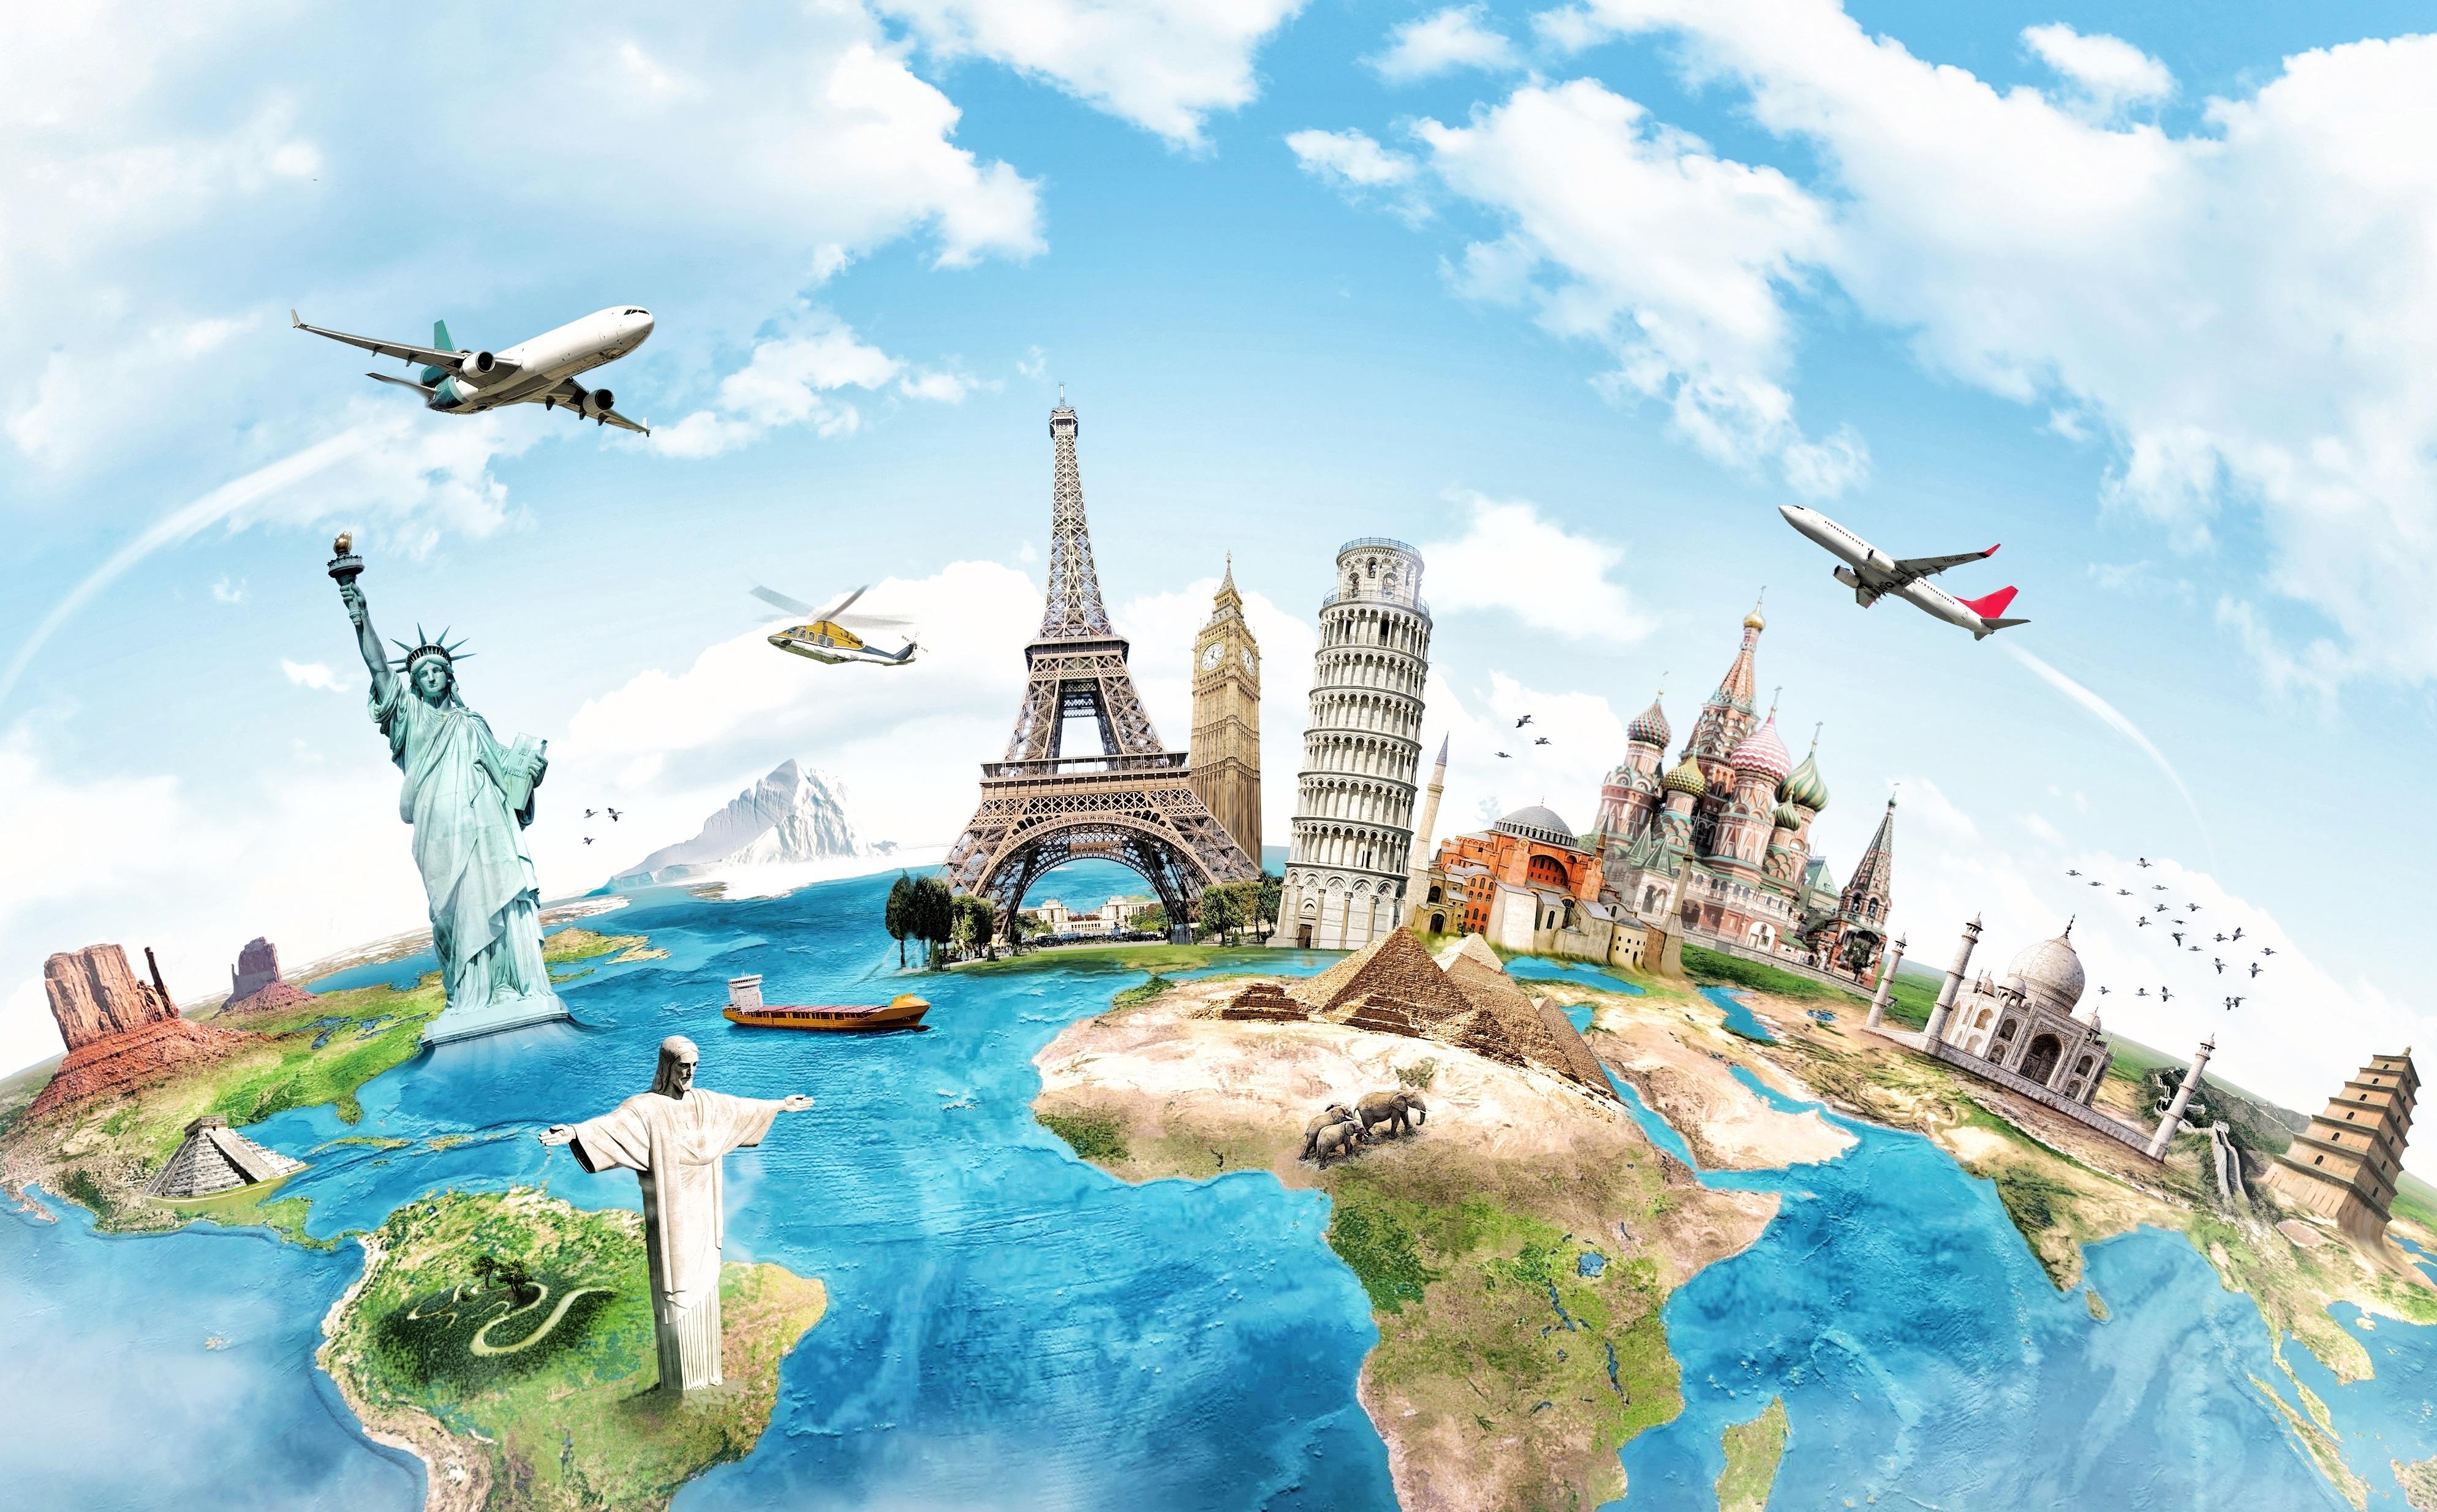 Châu Âu chuẩn bị mở cửa để 'giải cứu' du lịch mùa hè - Ảnh 2.